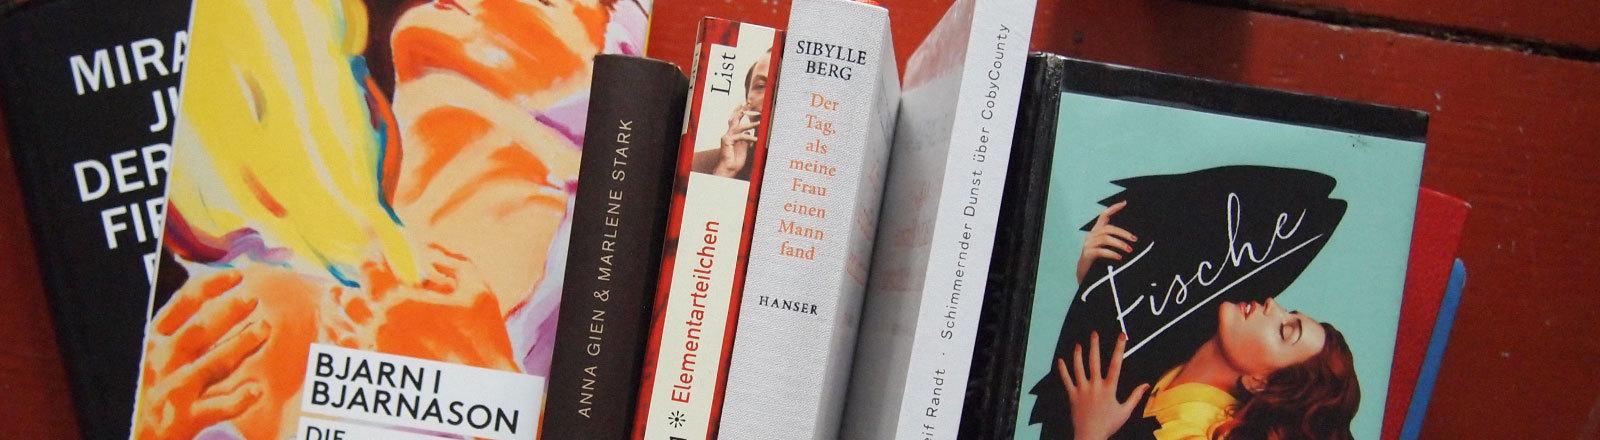 Mehrere Bücher nebeneinander. Ausgewählt von Autorin Lydia Herms. In allen sind Sexszenen. Mal gute, mal weniger gute.